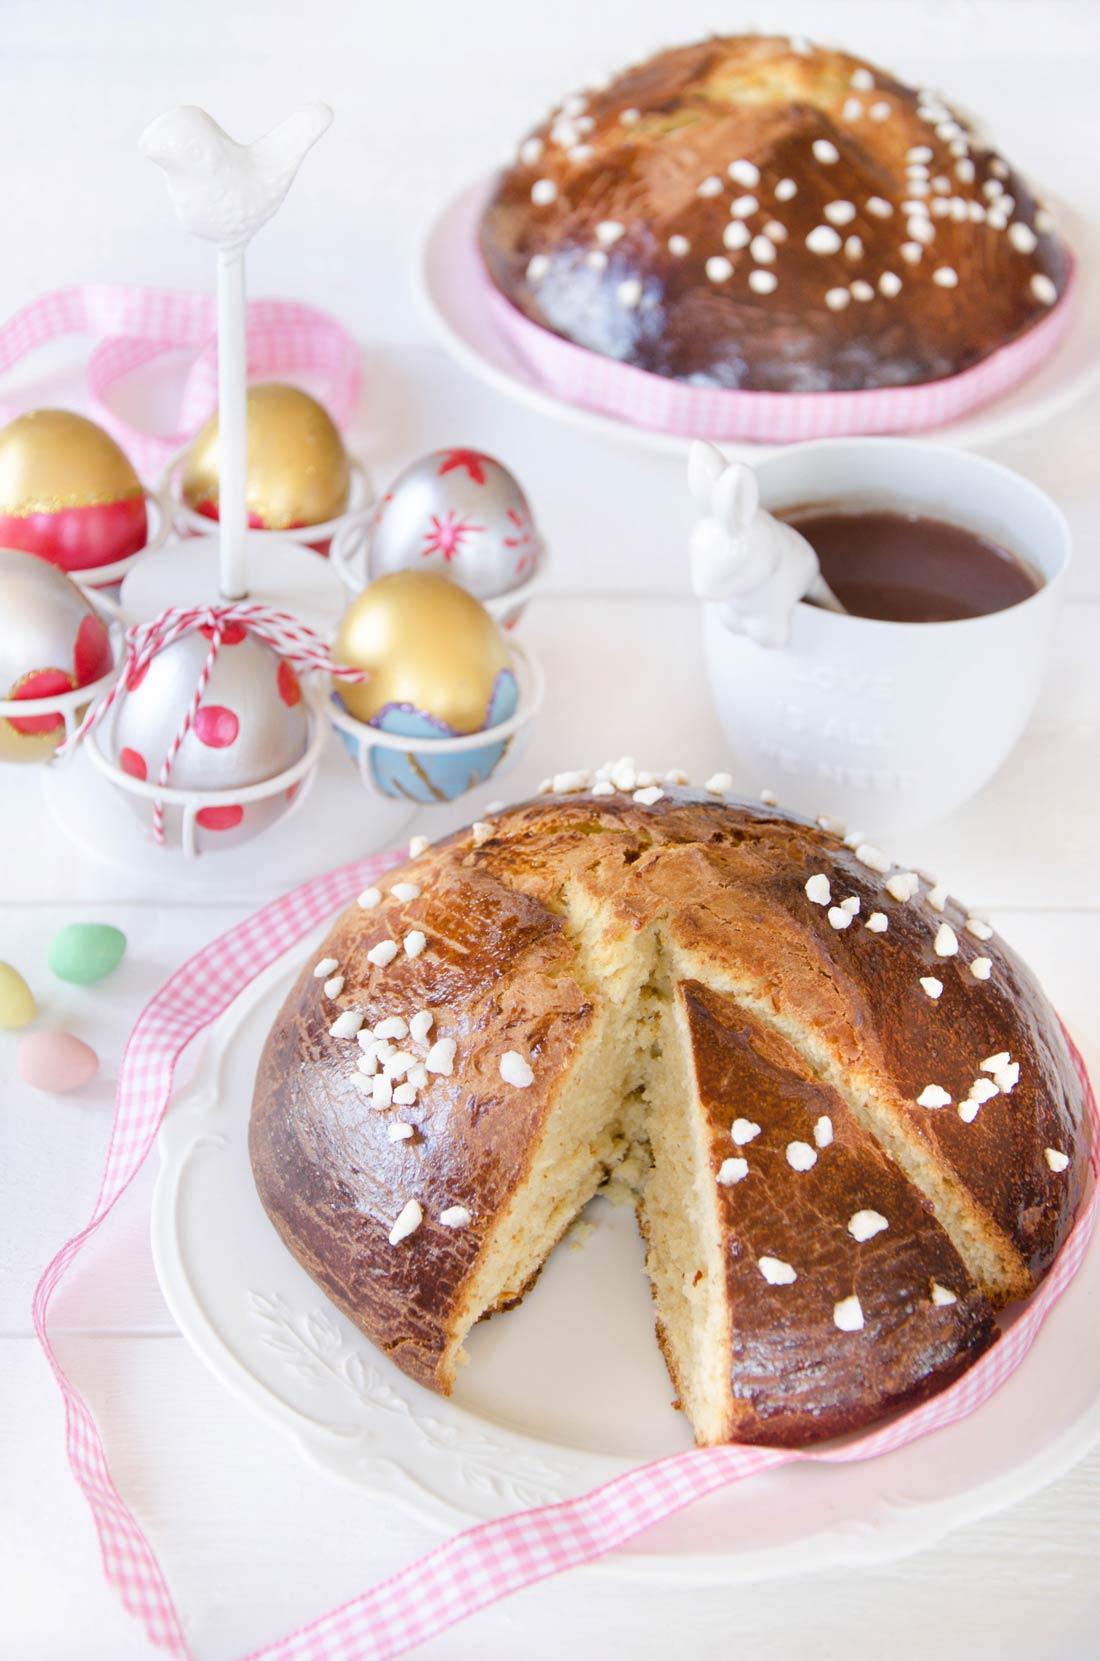 Mouna, brioche de Pâques oranaise